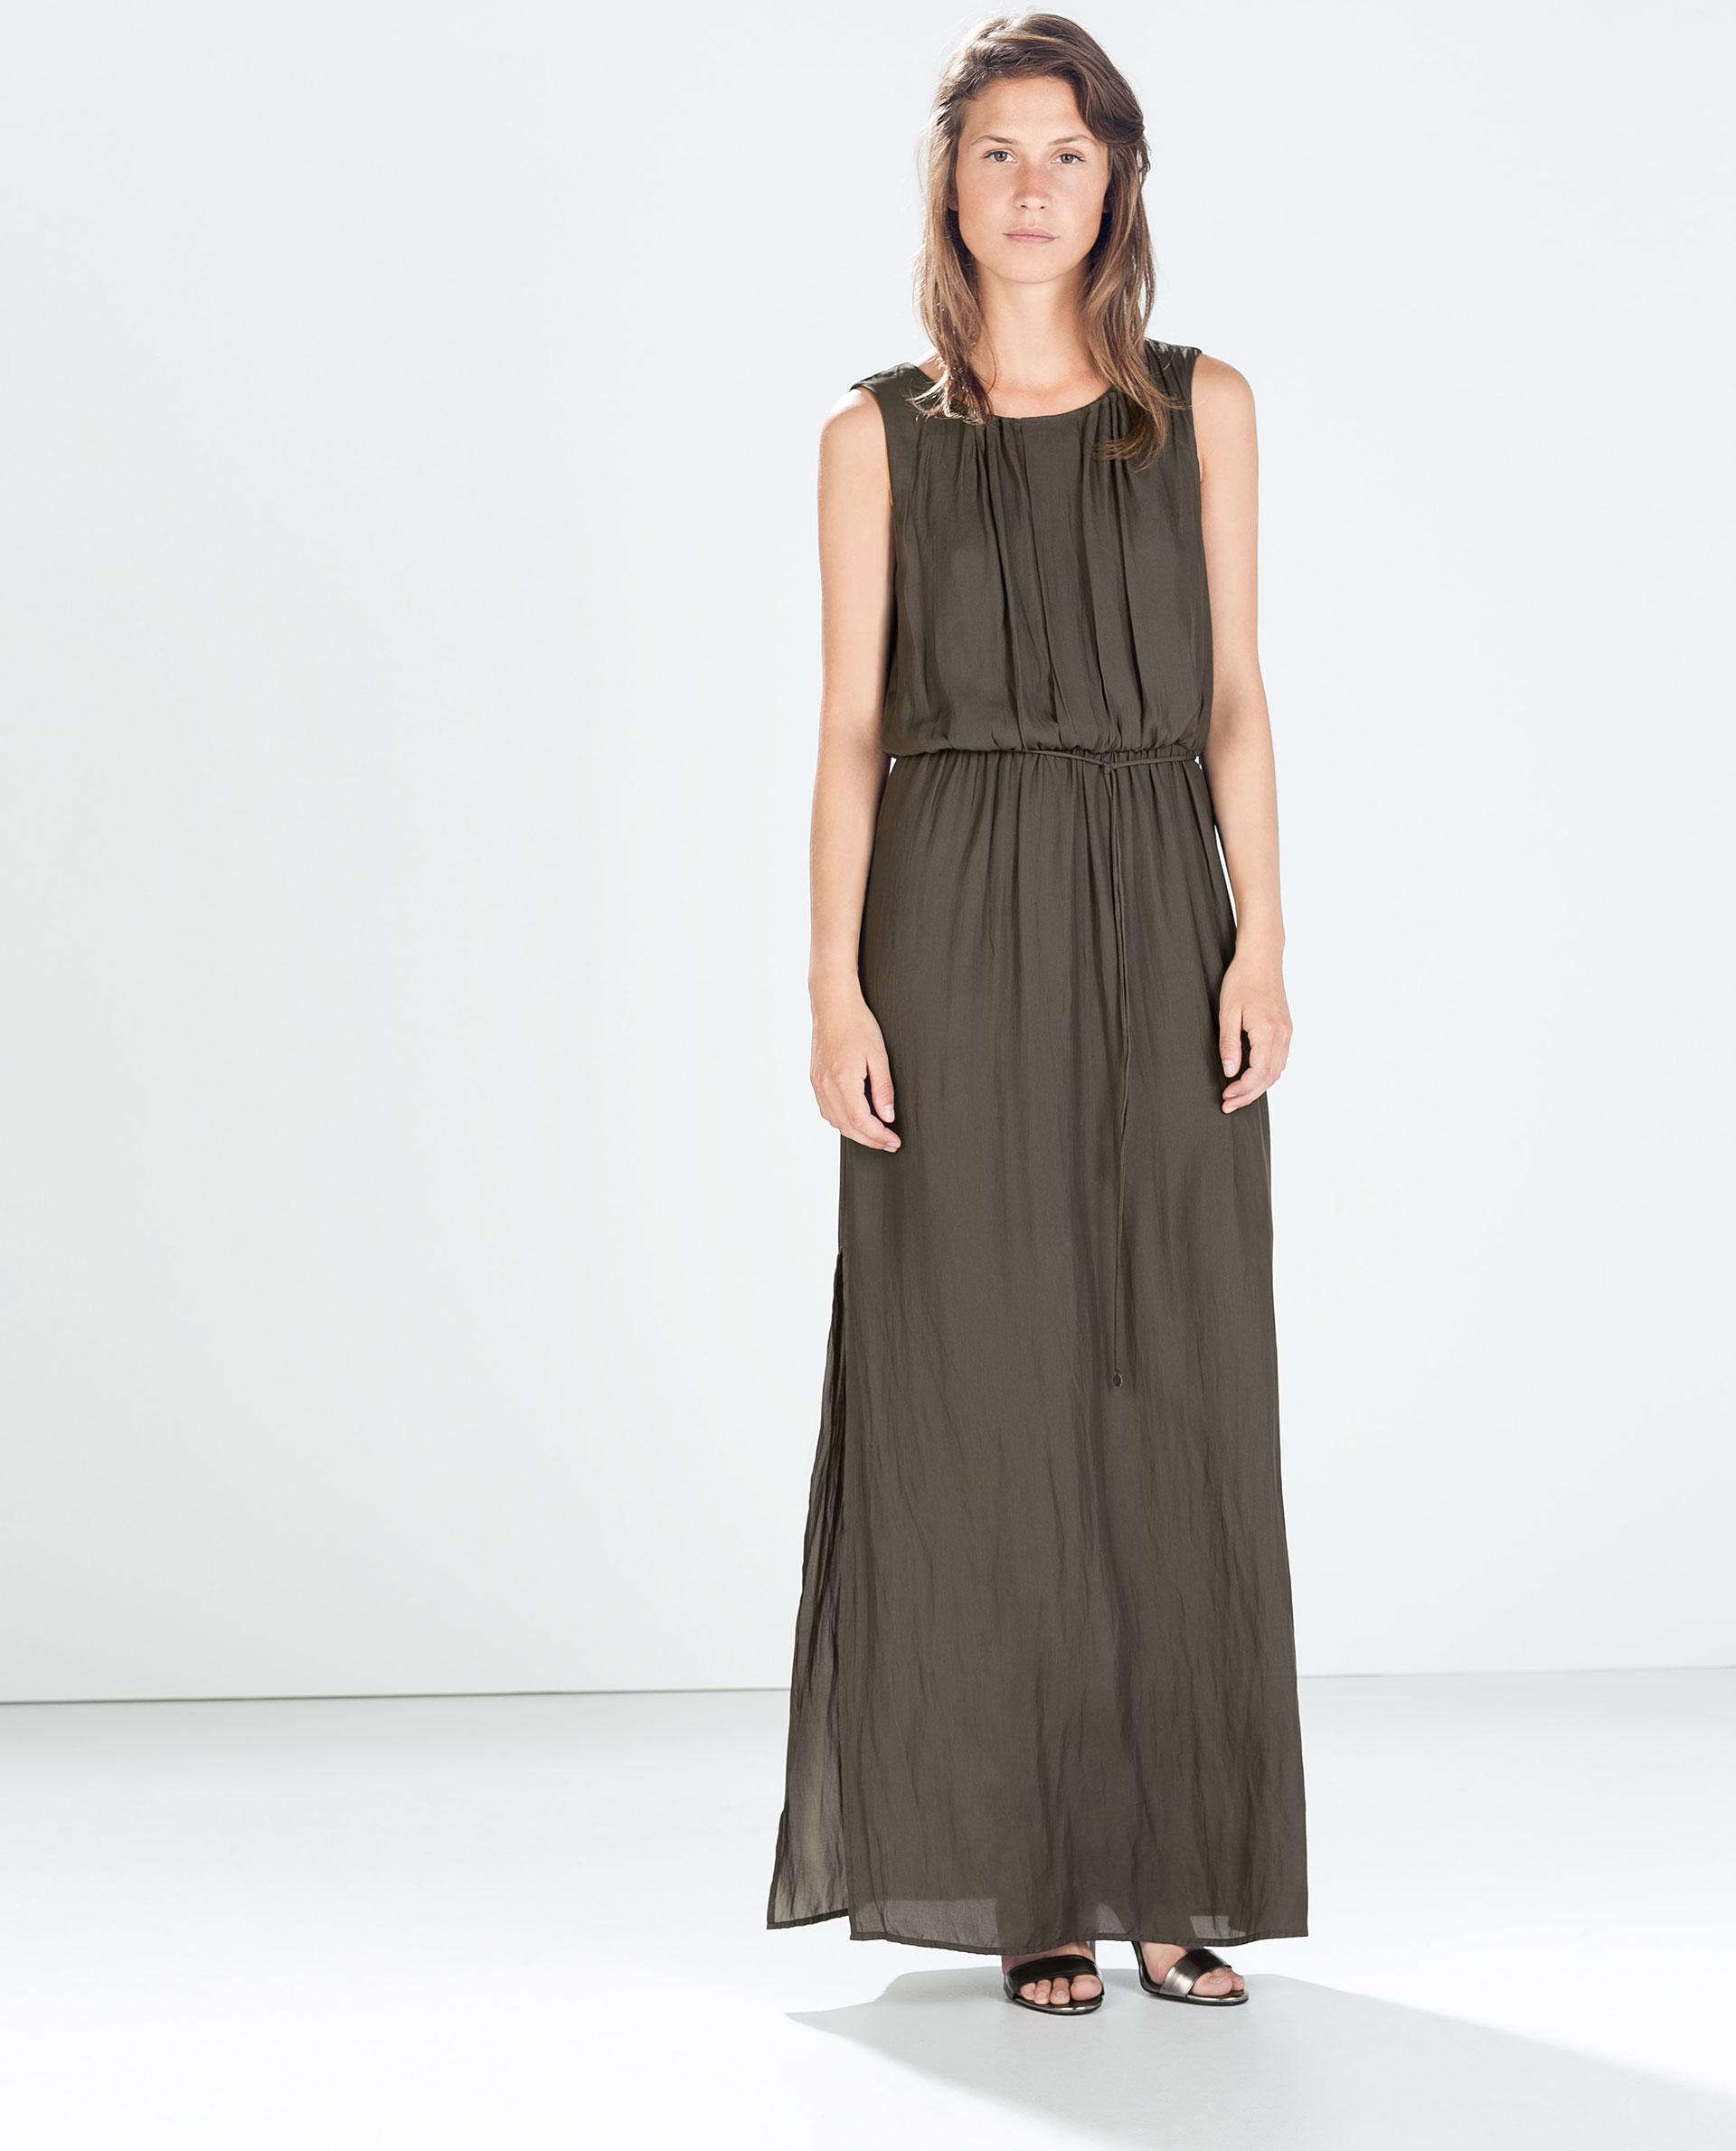 Zara Pleated Low-Cut Maxi Dress in Green | Lyst